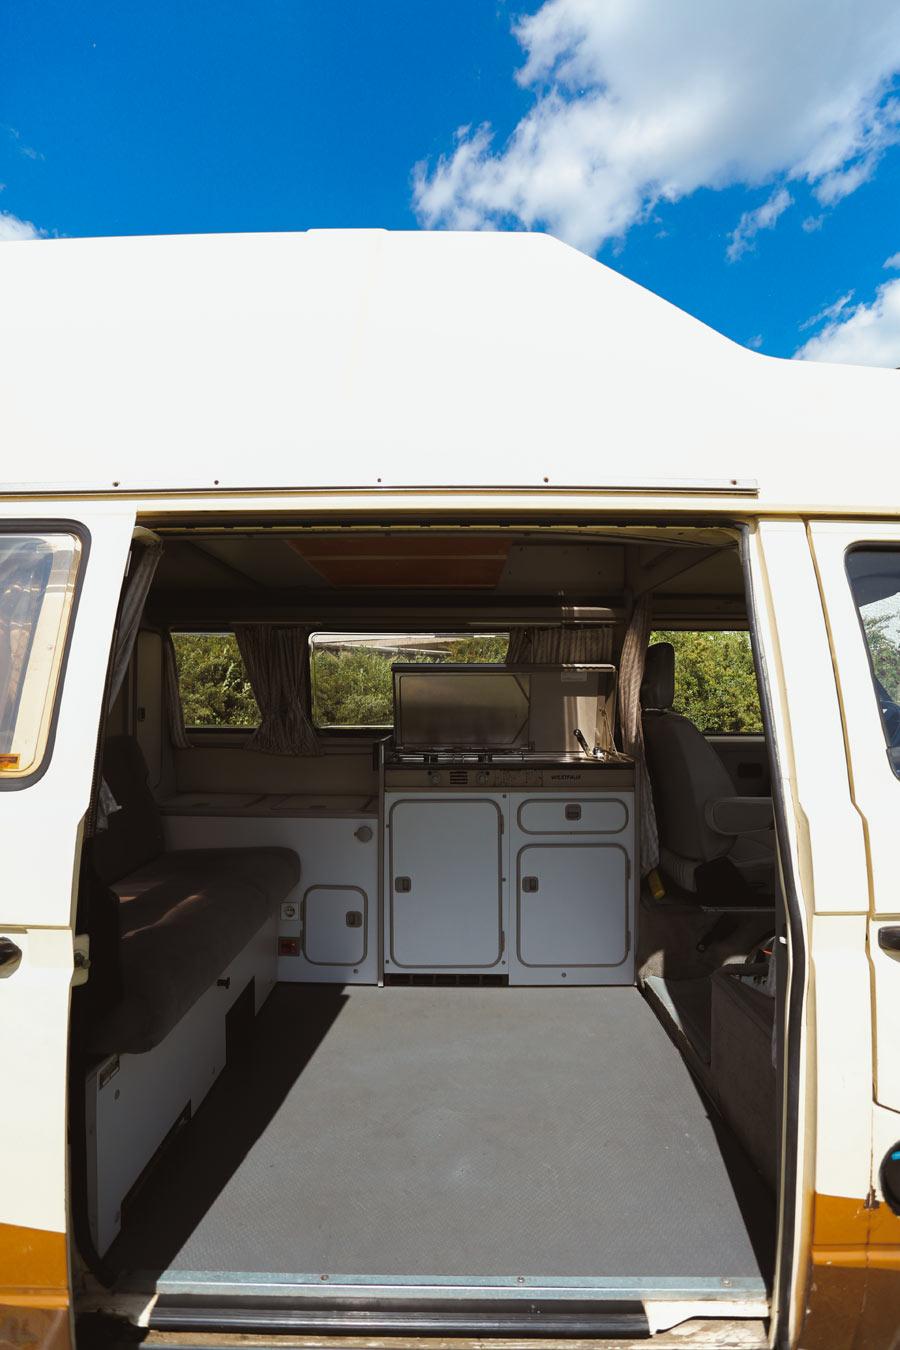 BulliHoliday VW Bulli mieten Kuno - geöffnete Schiebetür und Blick in den Wohnraum mit Schwenk nach links